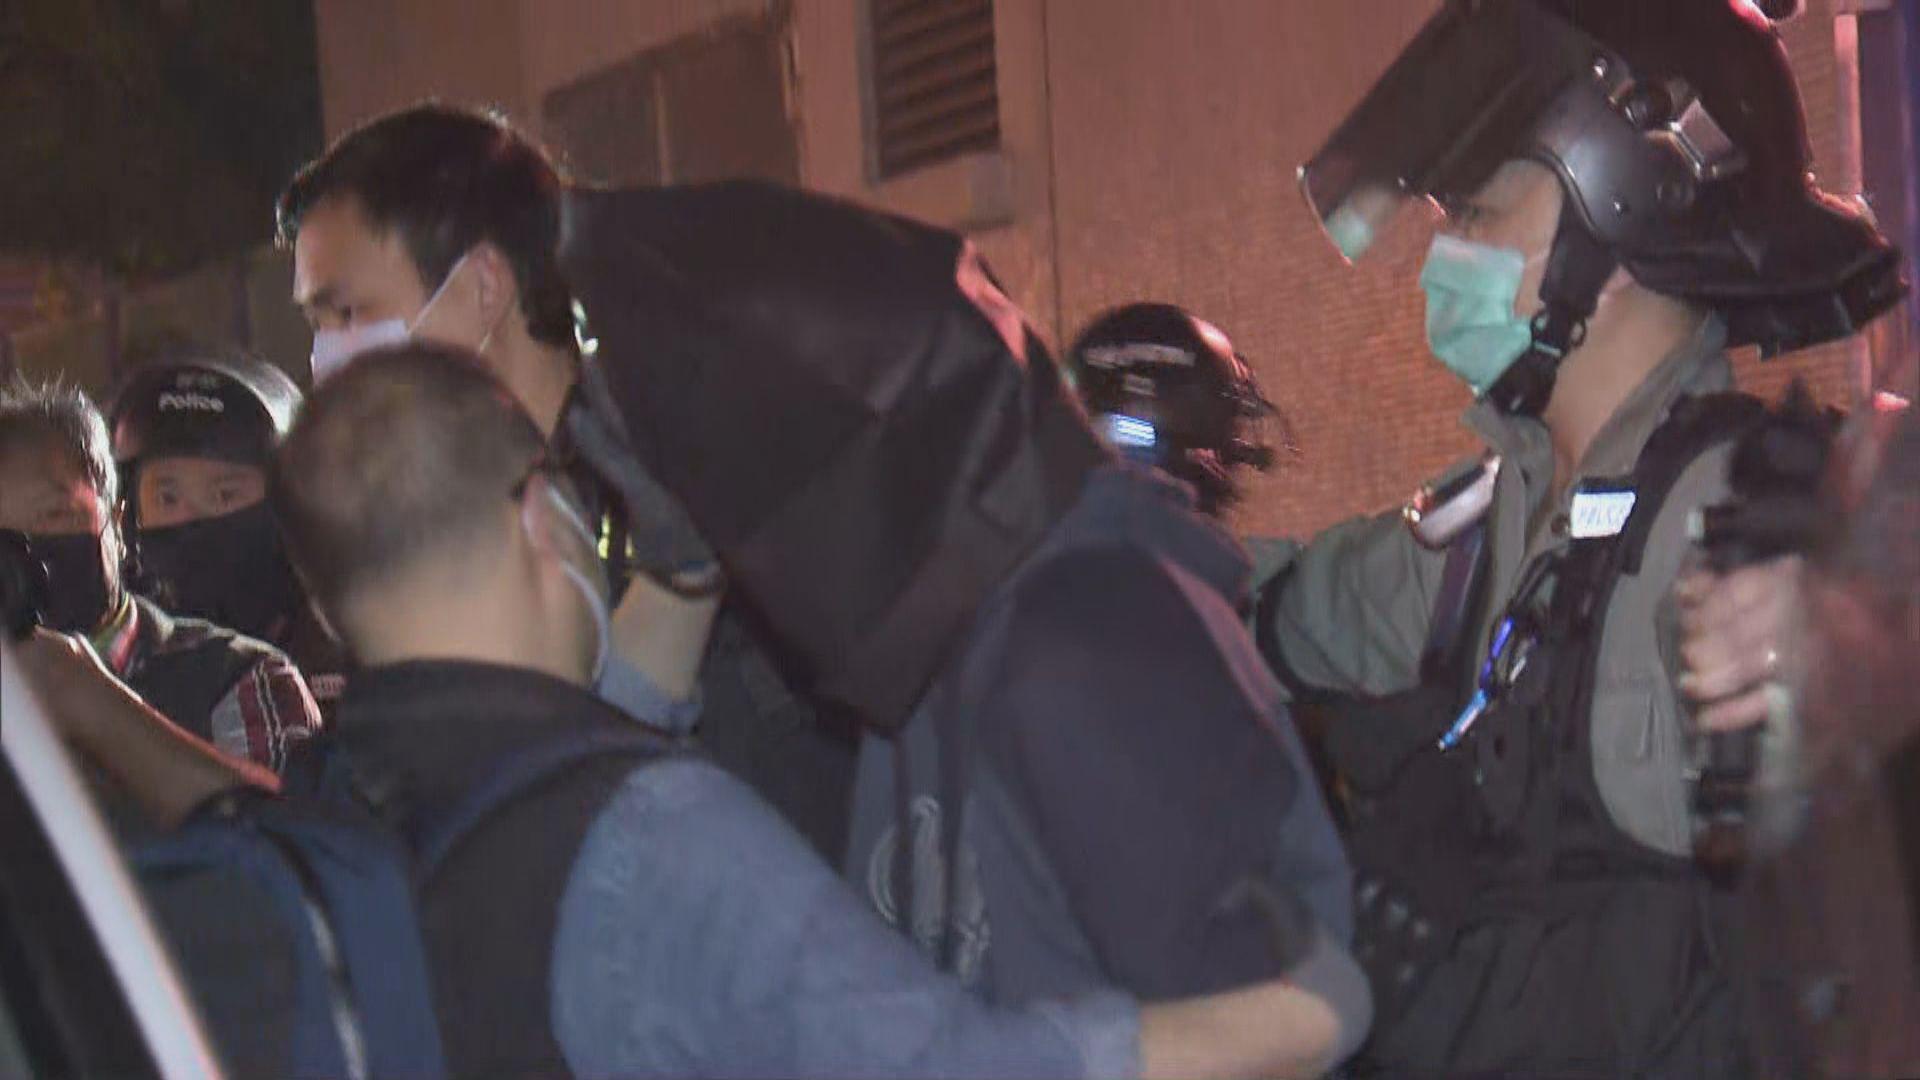 17人被捕涉爆炸裝置及可製炸藥化學品 警:相信針對警員